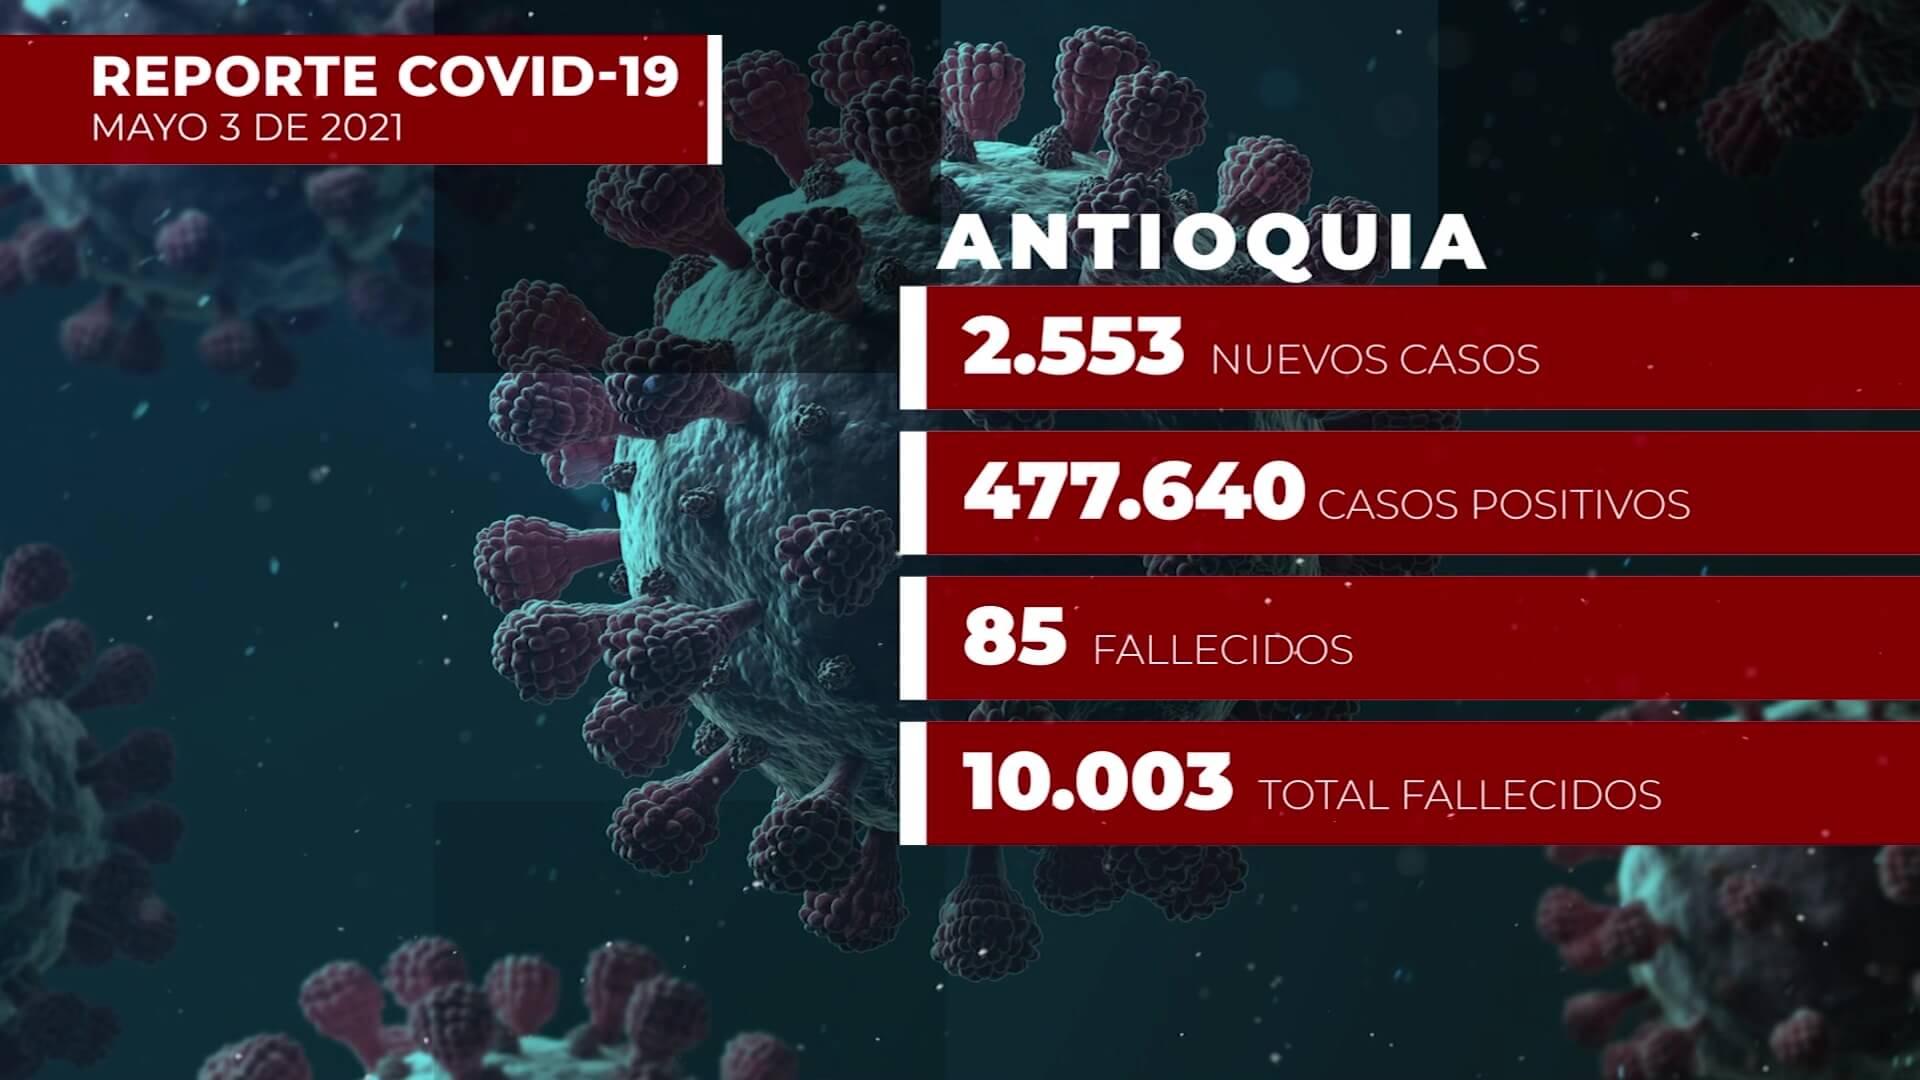 Antioquia acumuló 10.003 fallecidos a causa del Covid-19